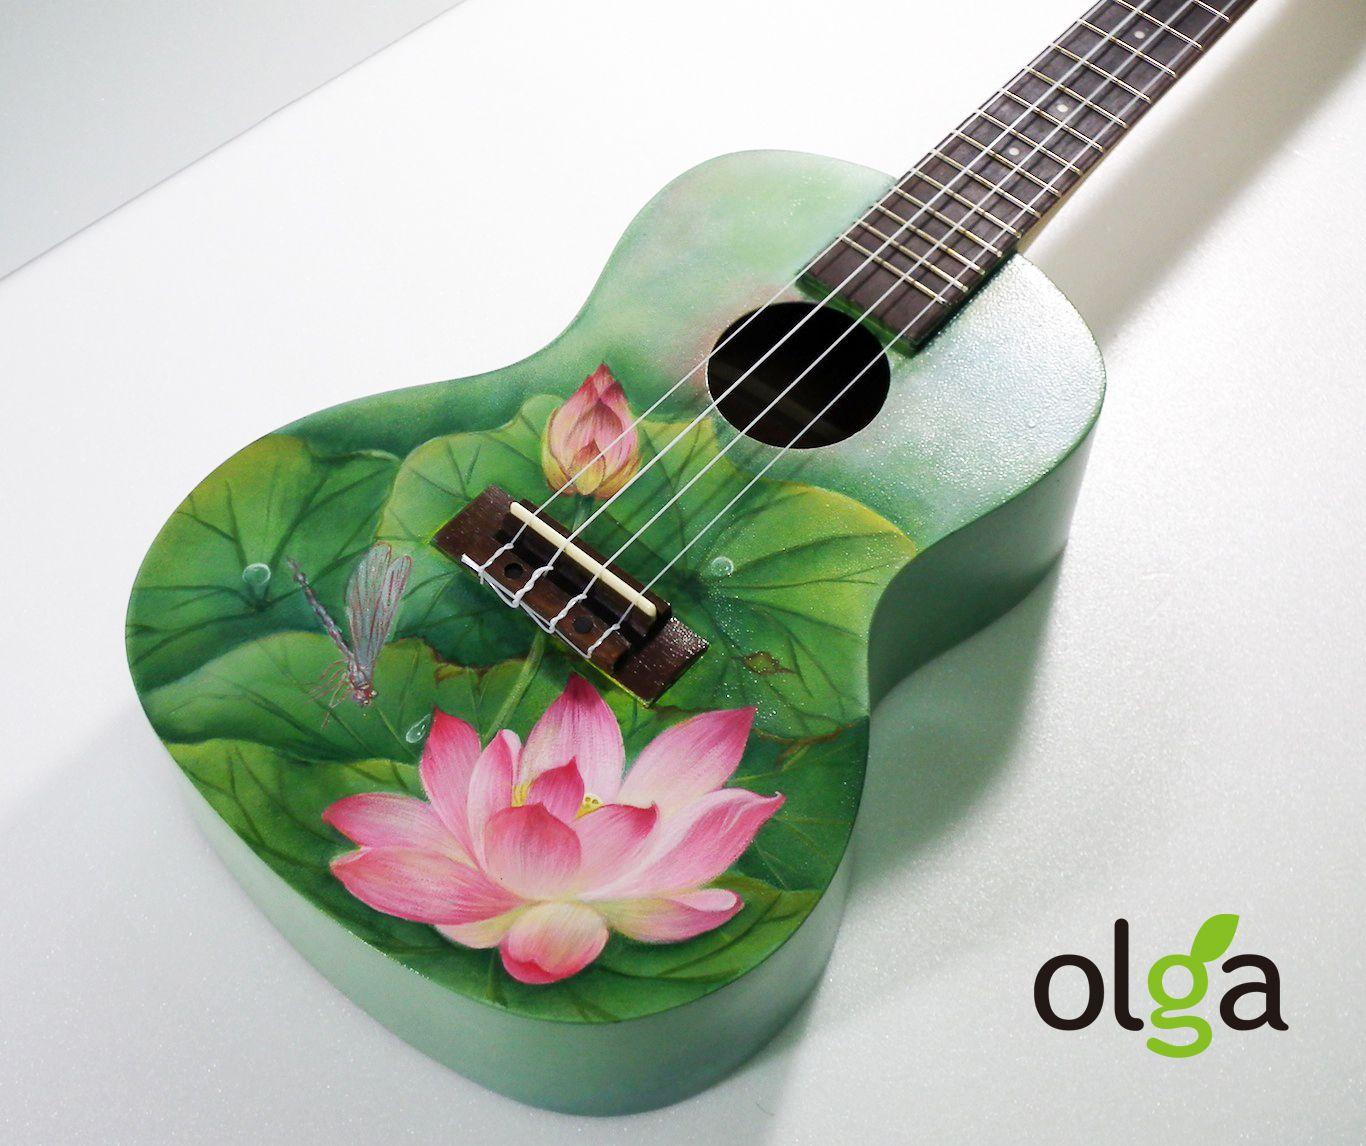 Lotus Ukulele Ukulele Play Pinterest Ukulele Guitar